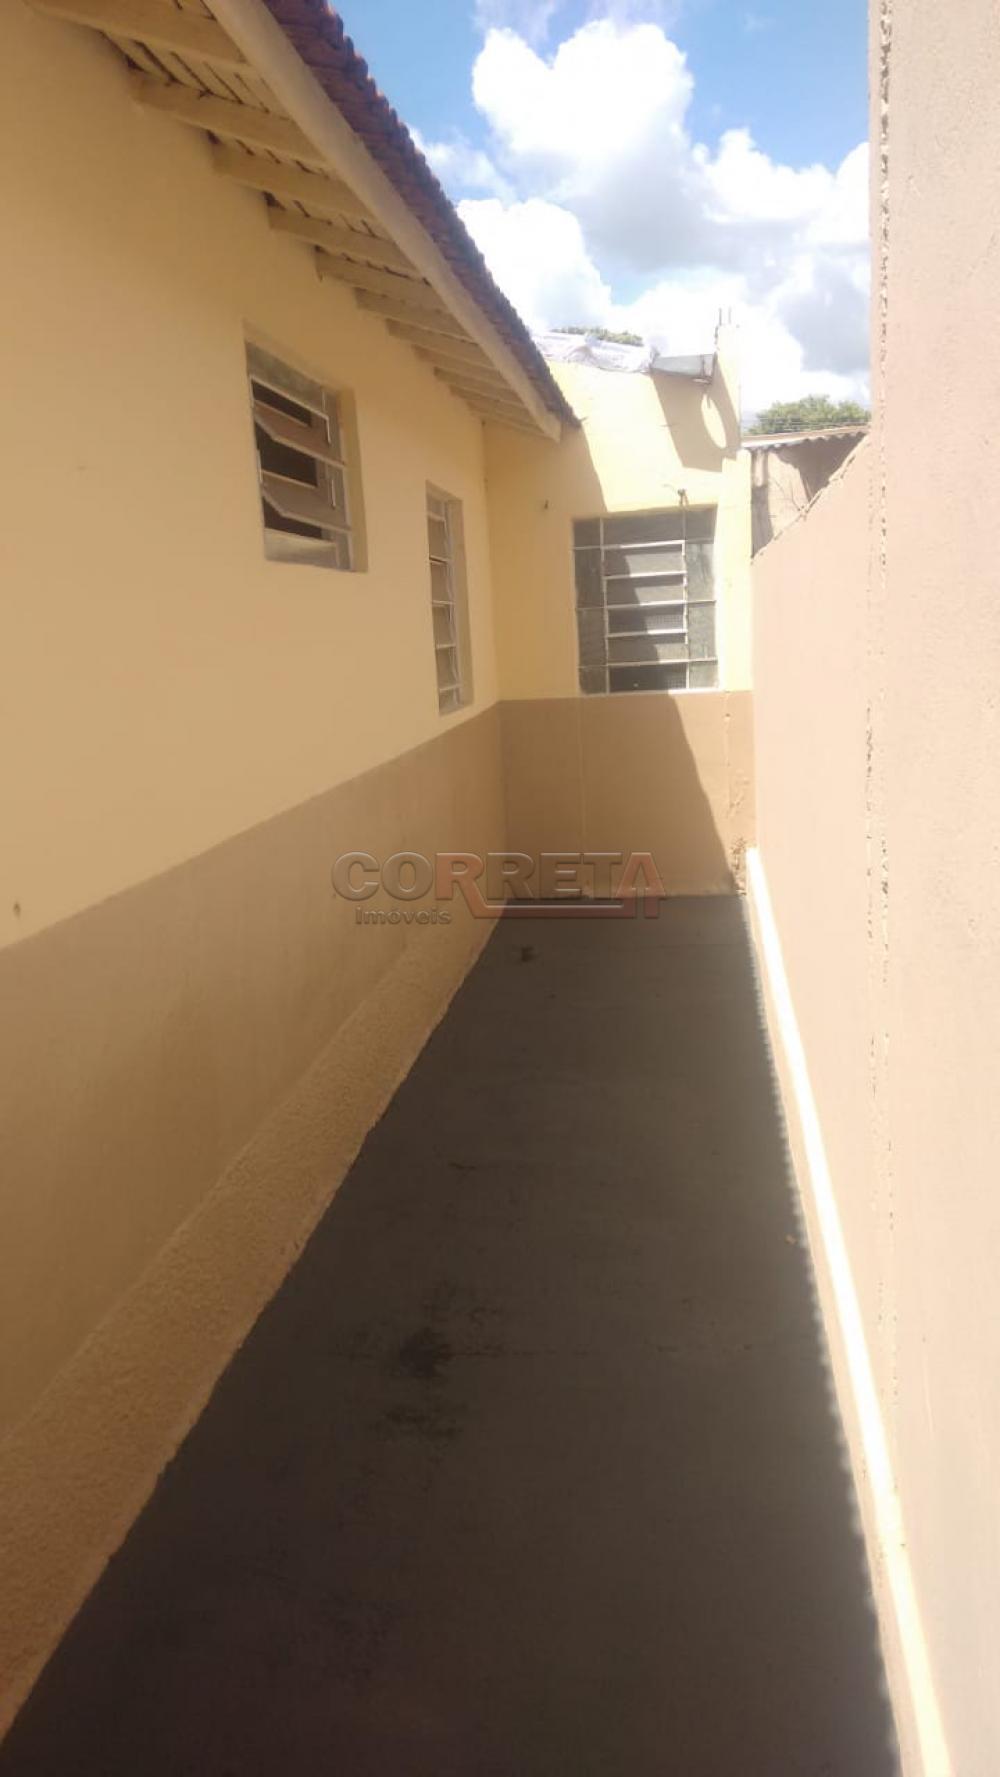 Alugar Casa / Residencial em Araçatuba R$ 600,00 - Foto 2